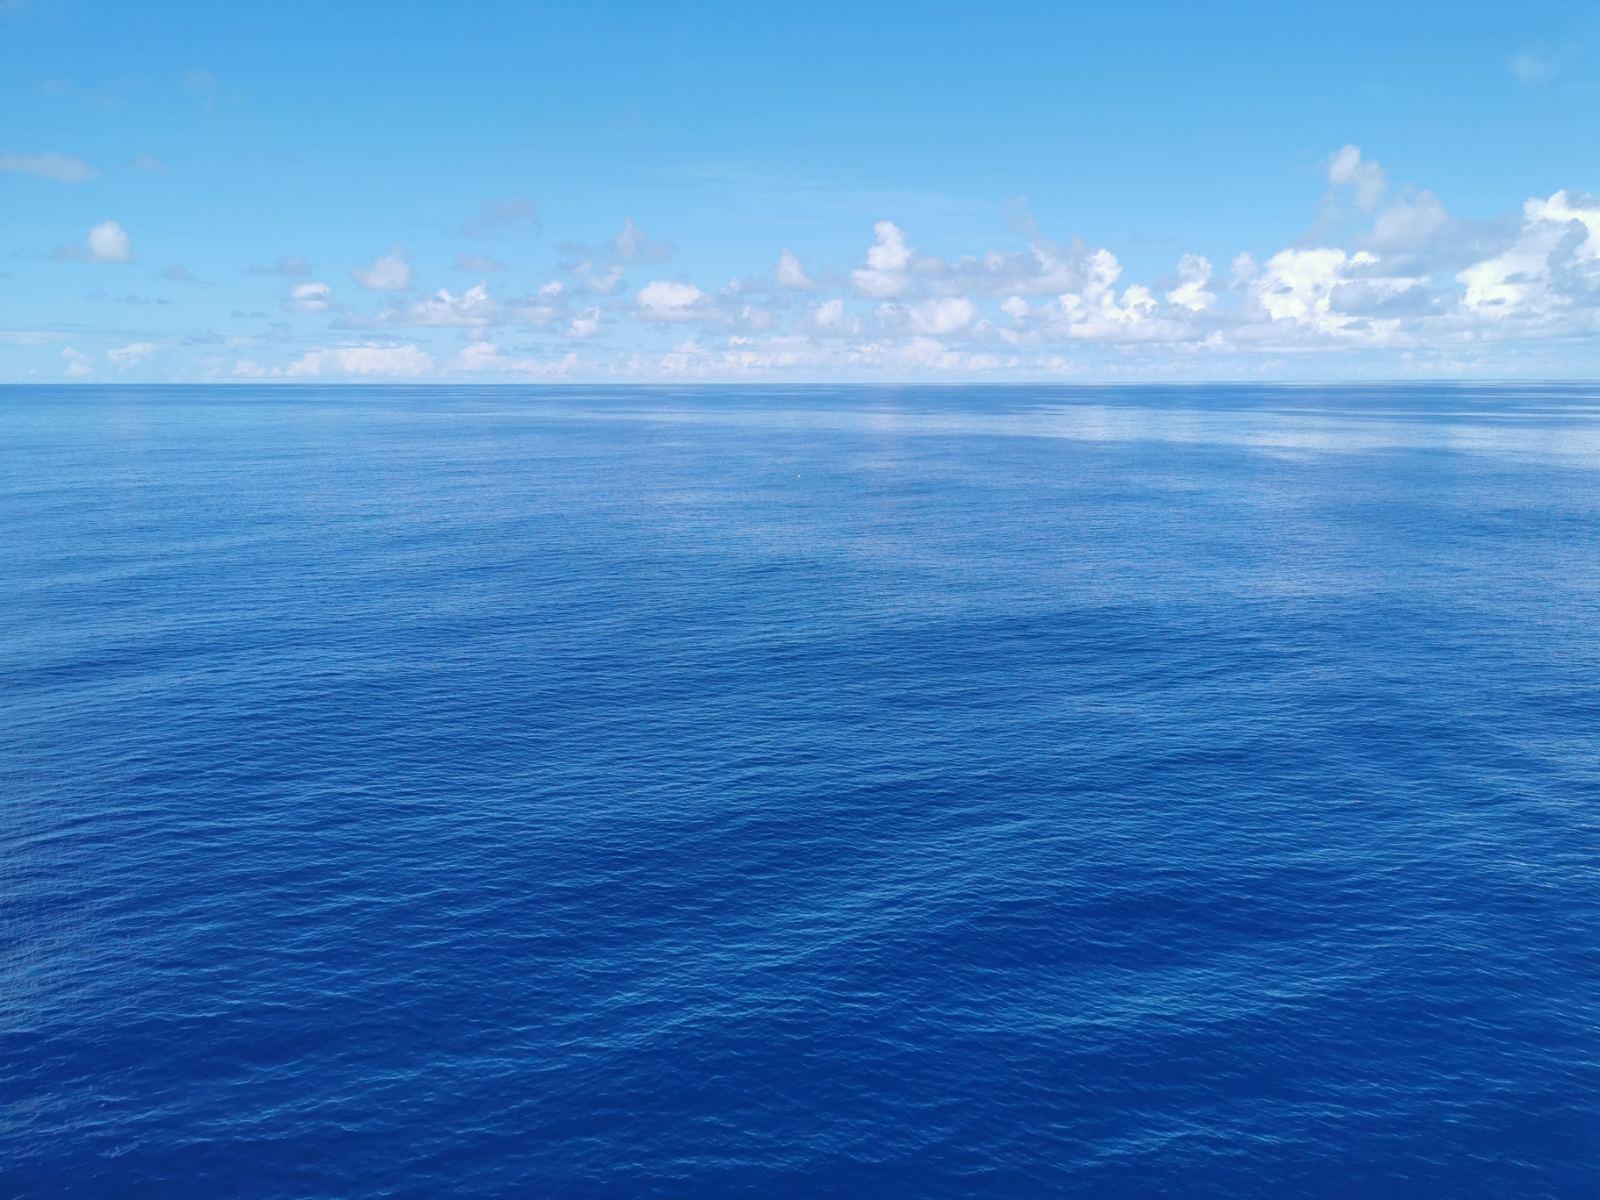 Kanta u moru